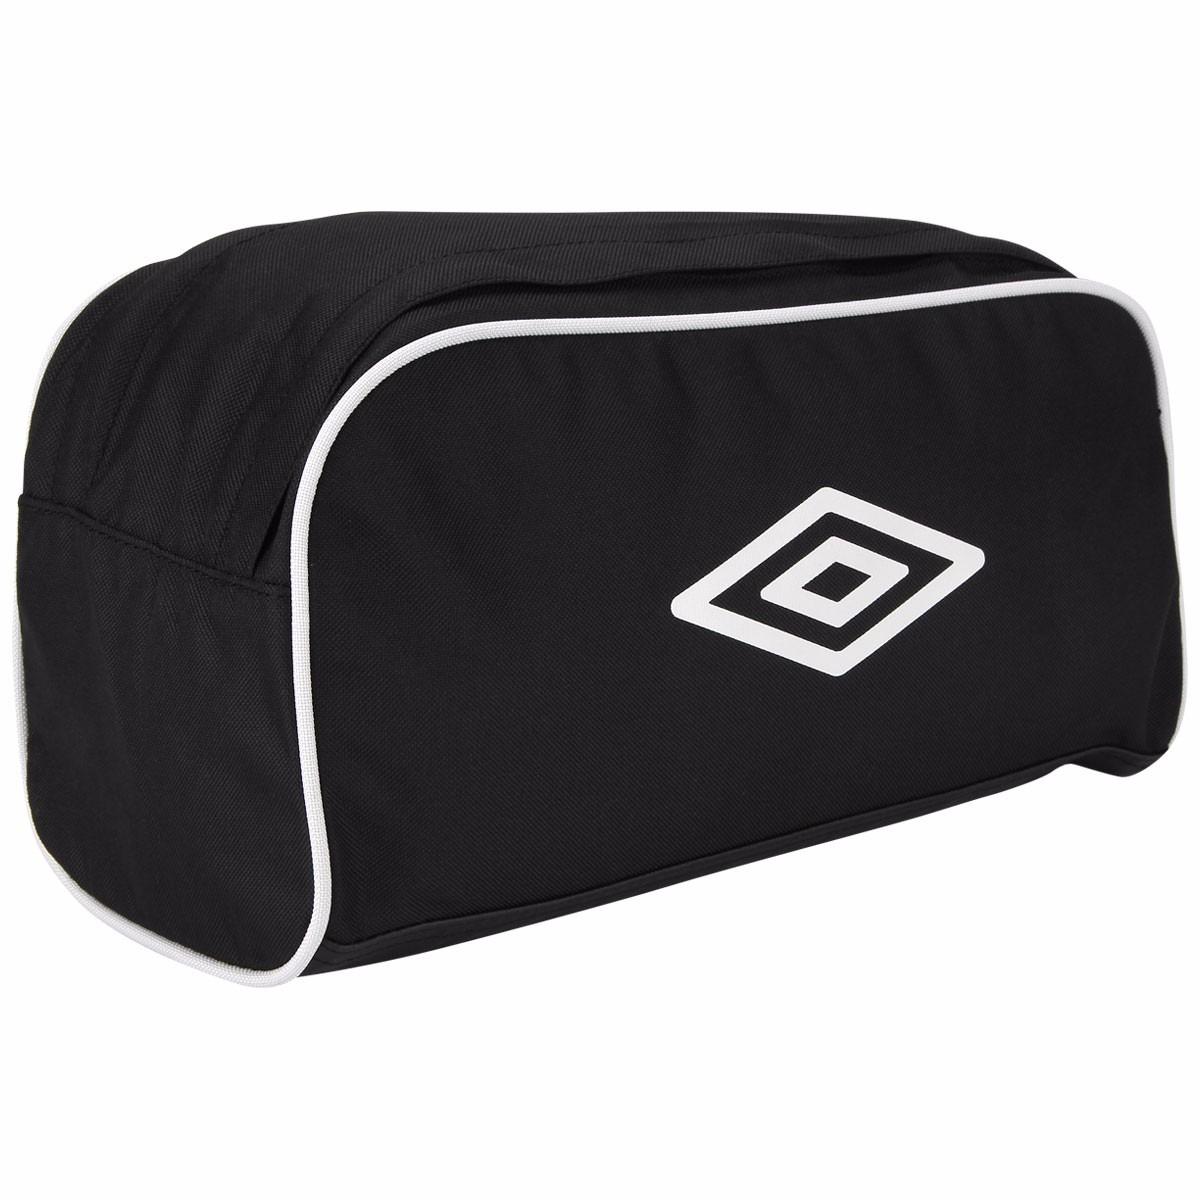 bolsa porta chuteira umbro original futebol society futsal. Carregando zoom. c802868bef5bc